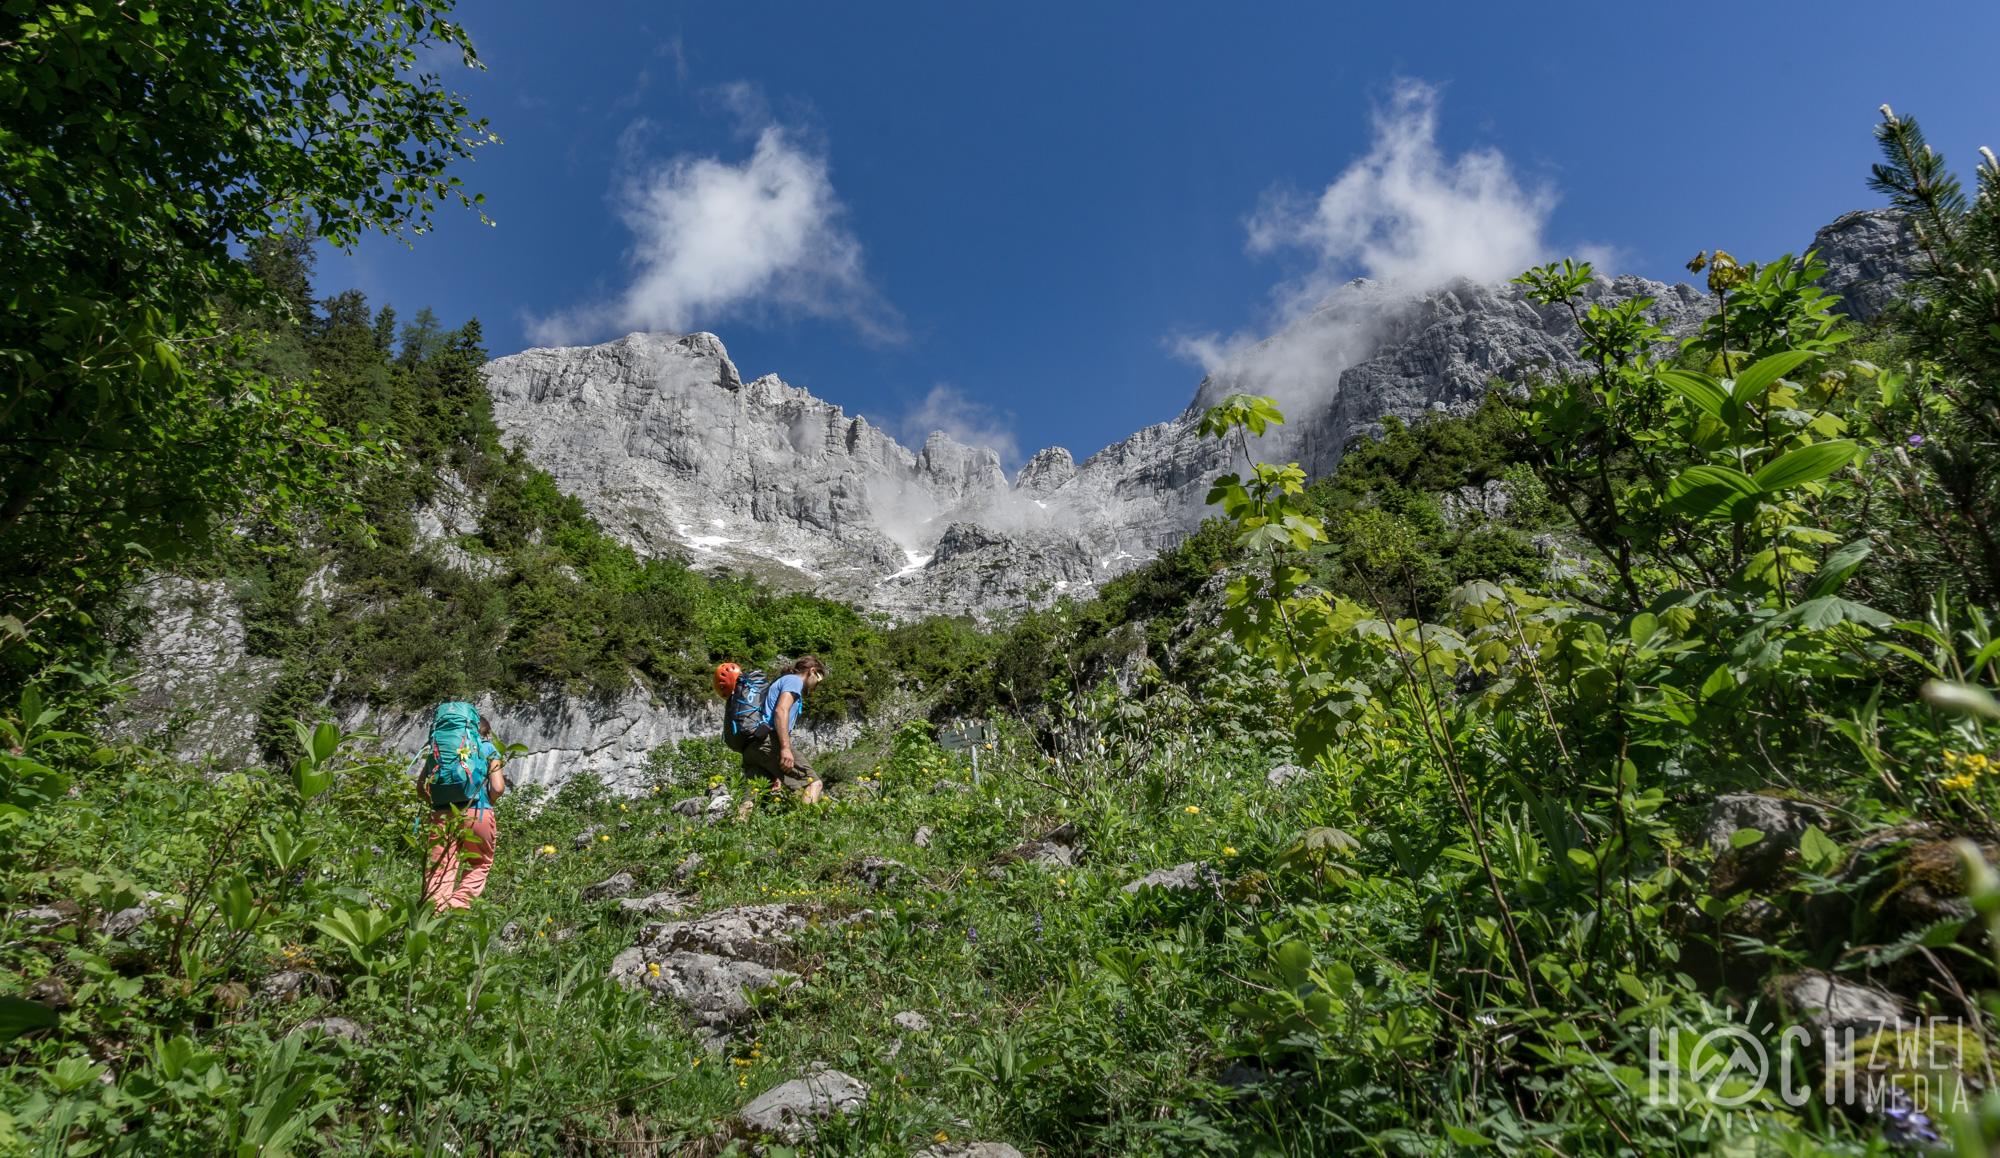 Gesäuse Festkogel Klettern Zustieg